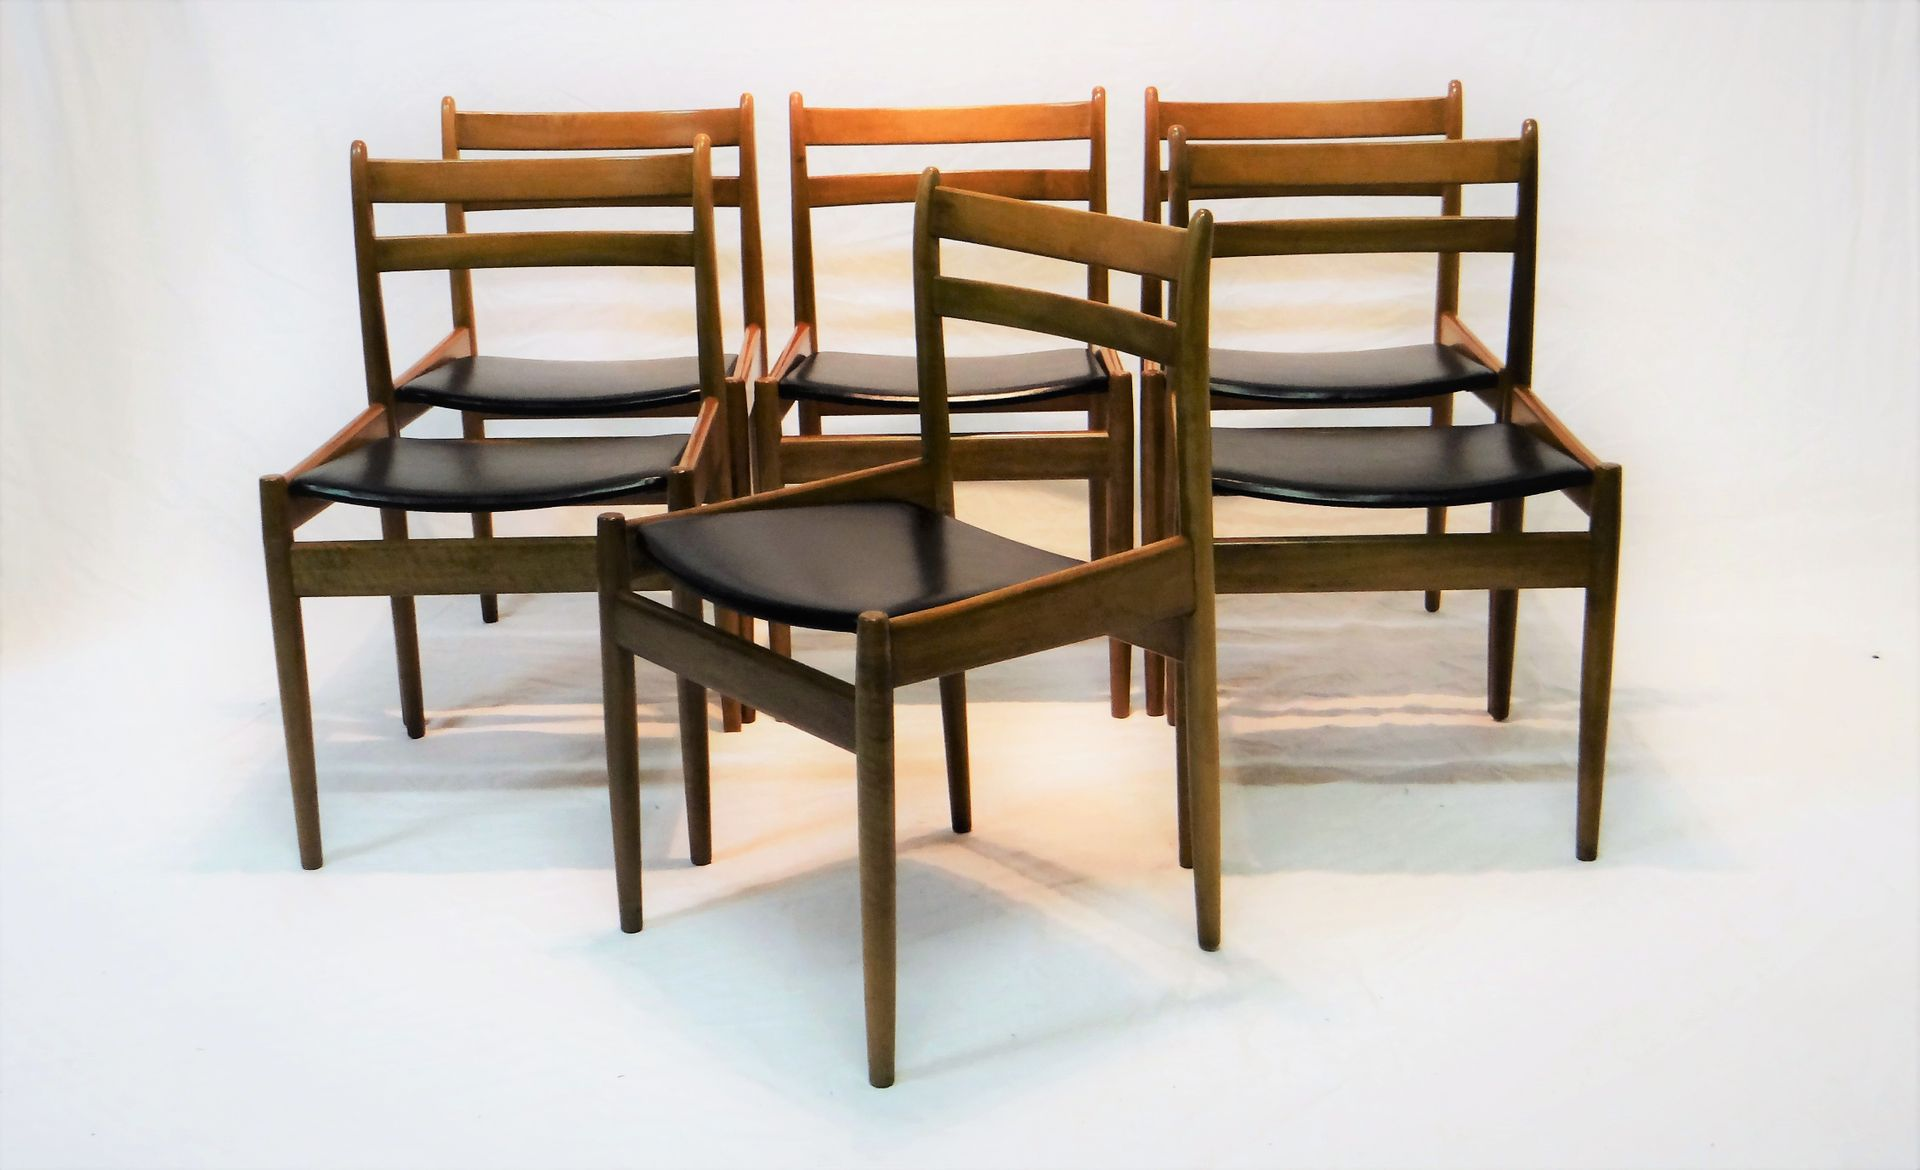 Vintage Stühle vintage stühle aus walnuss jos de mey für den berghe pauvers